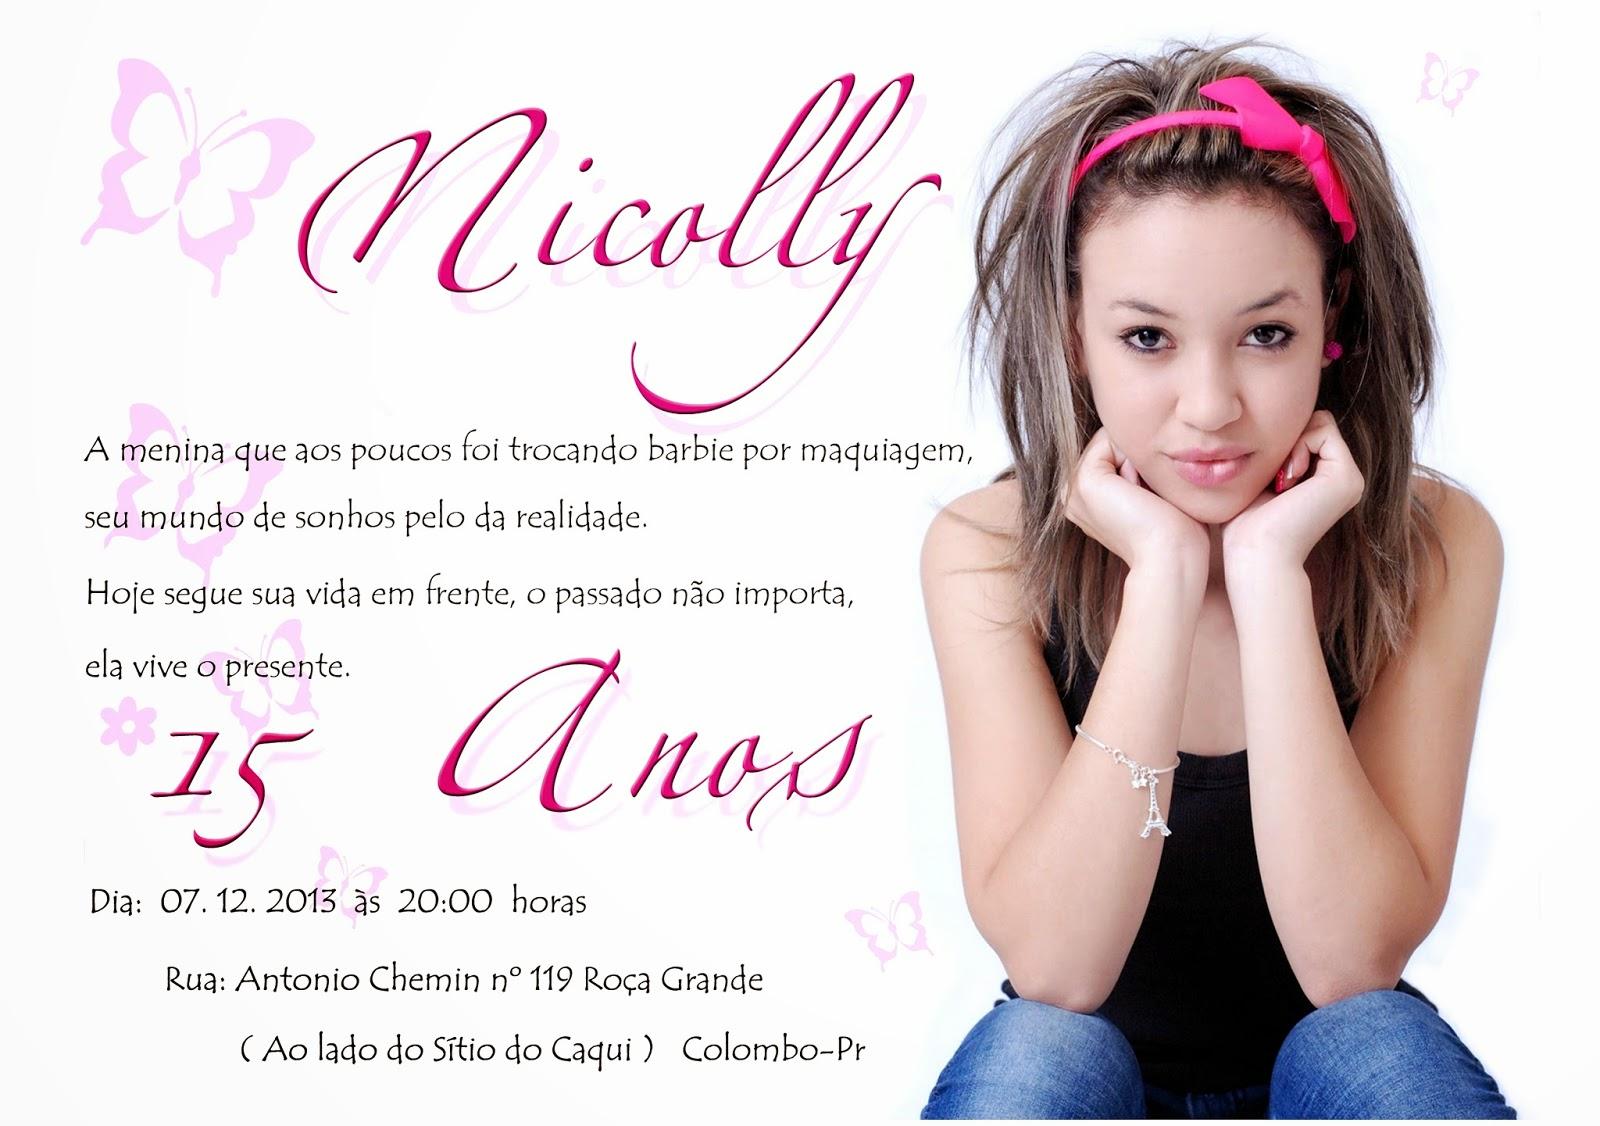 Convite De Aniversario De 15 Anos: Tel 9640.8727: Aniversário 15 Anos